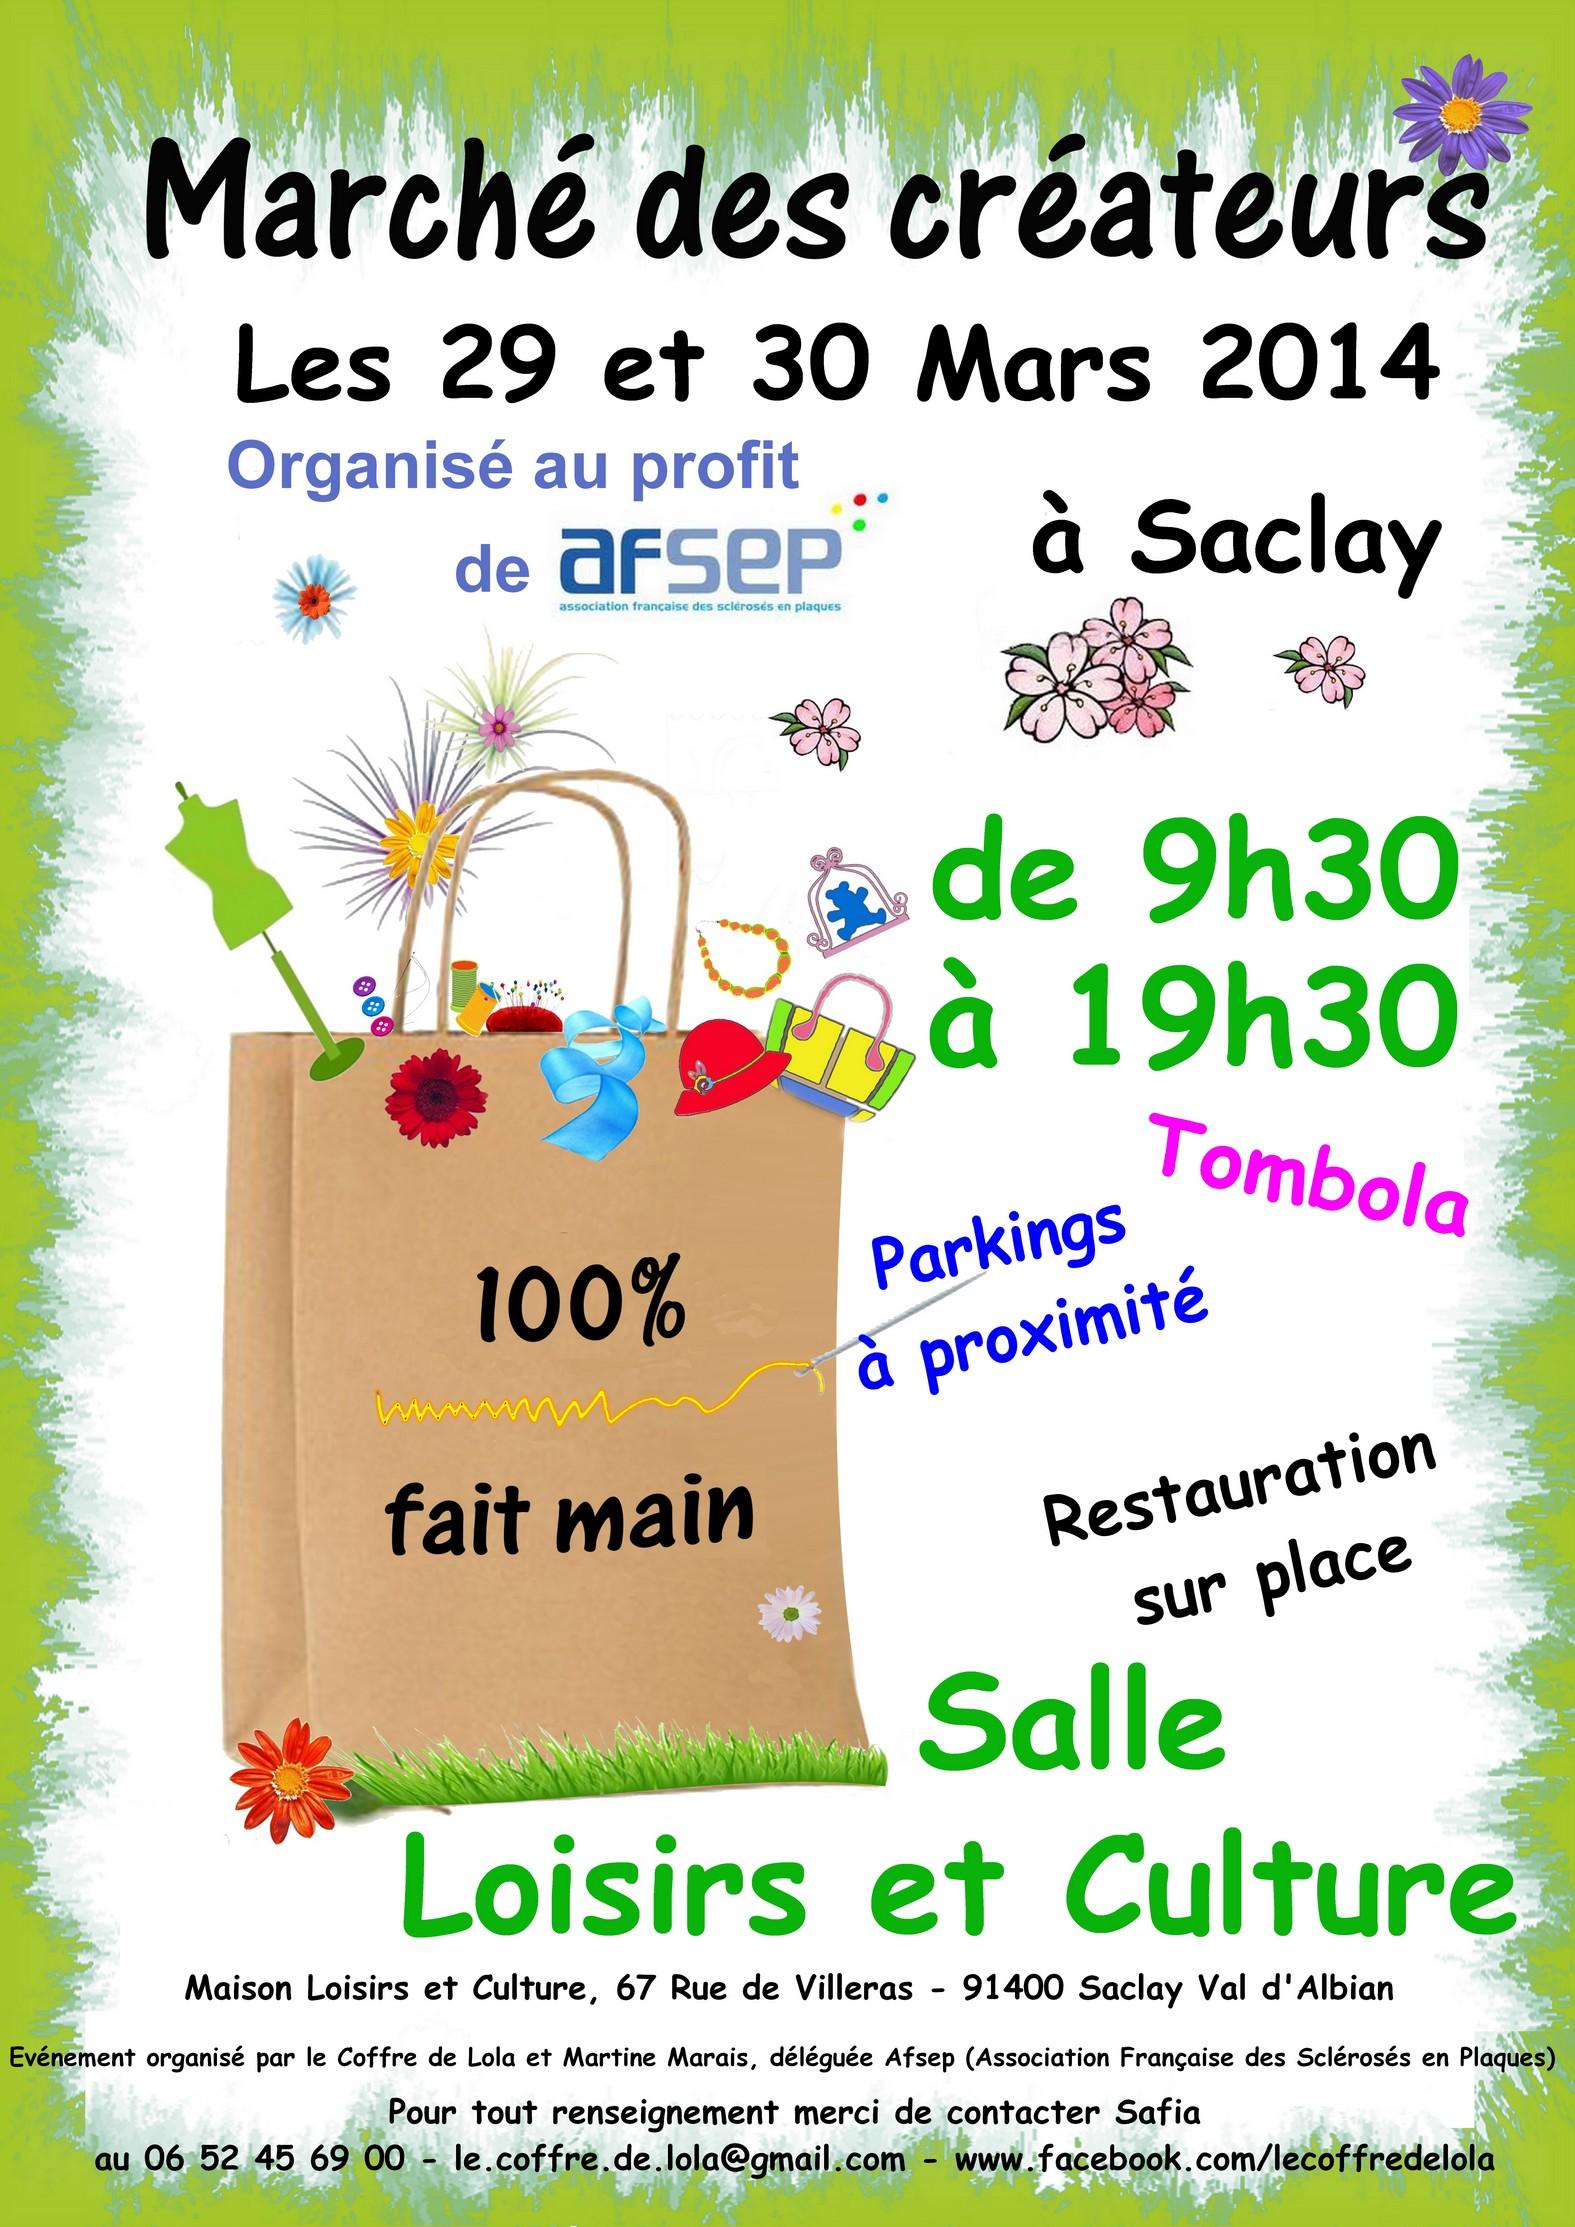 affiche_marche_createur_saclay.